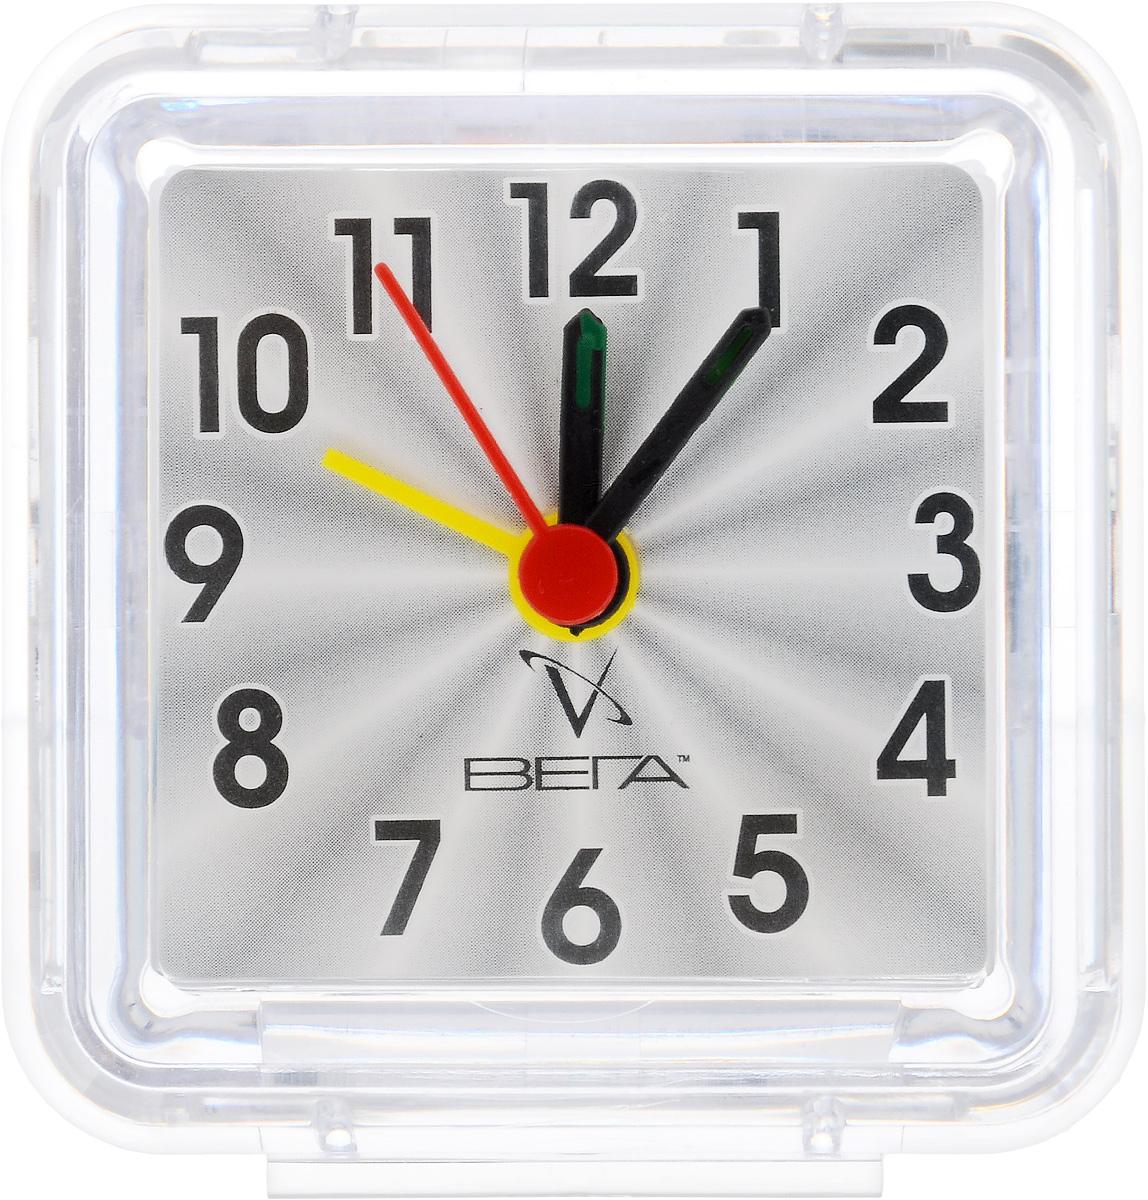 Часы-будильник Вега КлассикаHF3510/70Настольные кварцевые часы Вега Классика изготовлены из прозрачного пластика. Часы имеют три стрелки - часовую, минутную и стрелку завода.Такие часы красиво и оригинально украсят интерьер дома или рабочий стол в офисе. Также часы могут стать уникальным, полезным подарком для родственников, коллег, знакомых и близких.Часы работают от батарейки типа АА (в комплект не входит). Имеется инструкция по эксплуатации на русском языке.